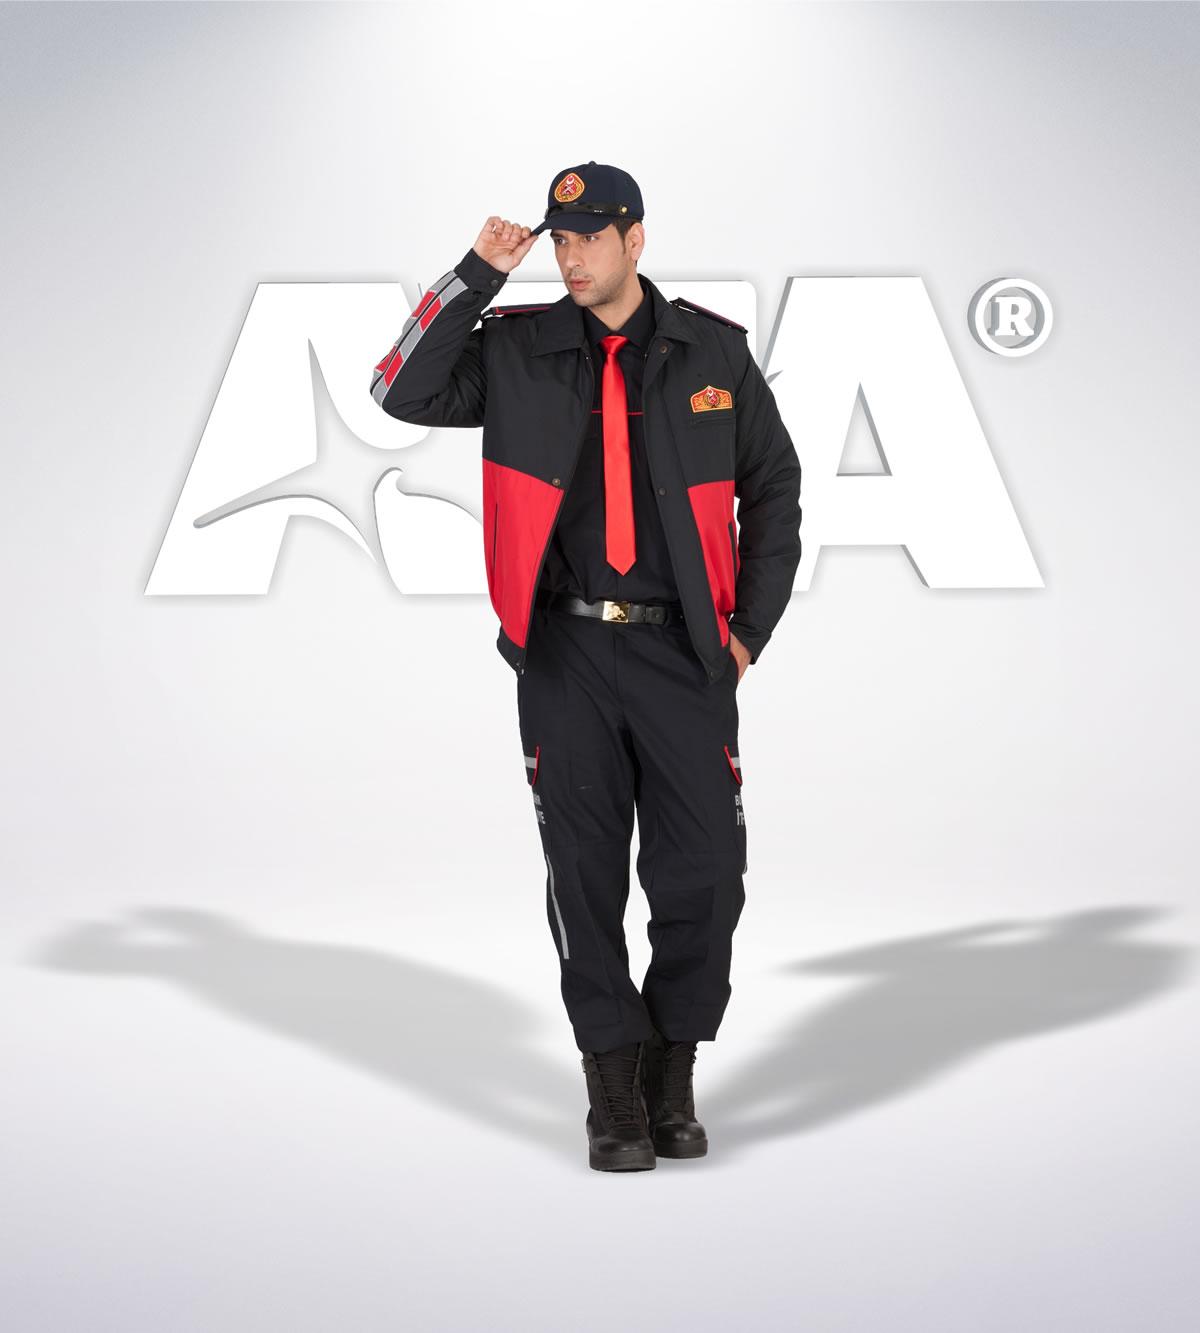 ATA 309 - ön - Pantolon ribstop - mont - aksesuar reflektör - itfaiye elbiseleri | itfaiye üniformaları | itfaiye kıyafetleri